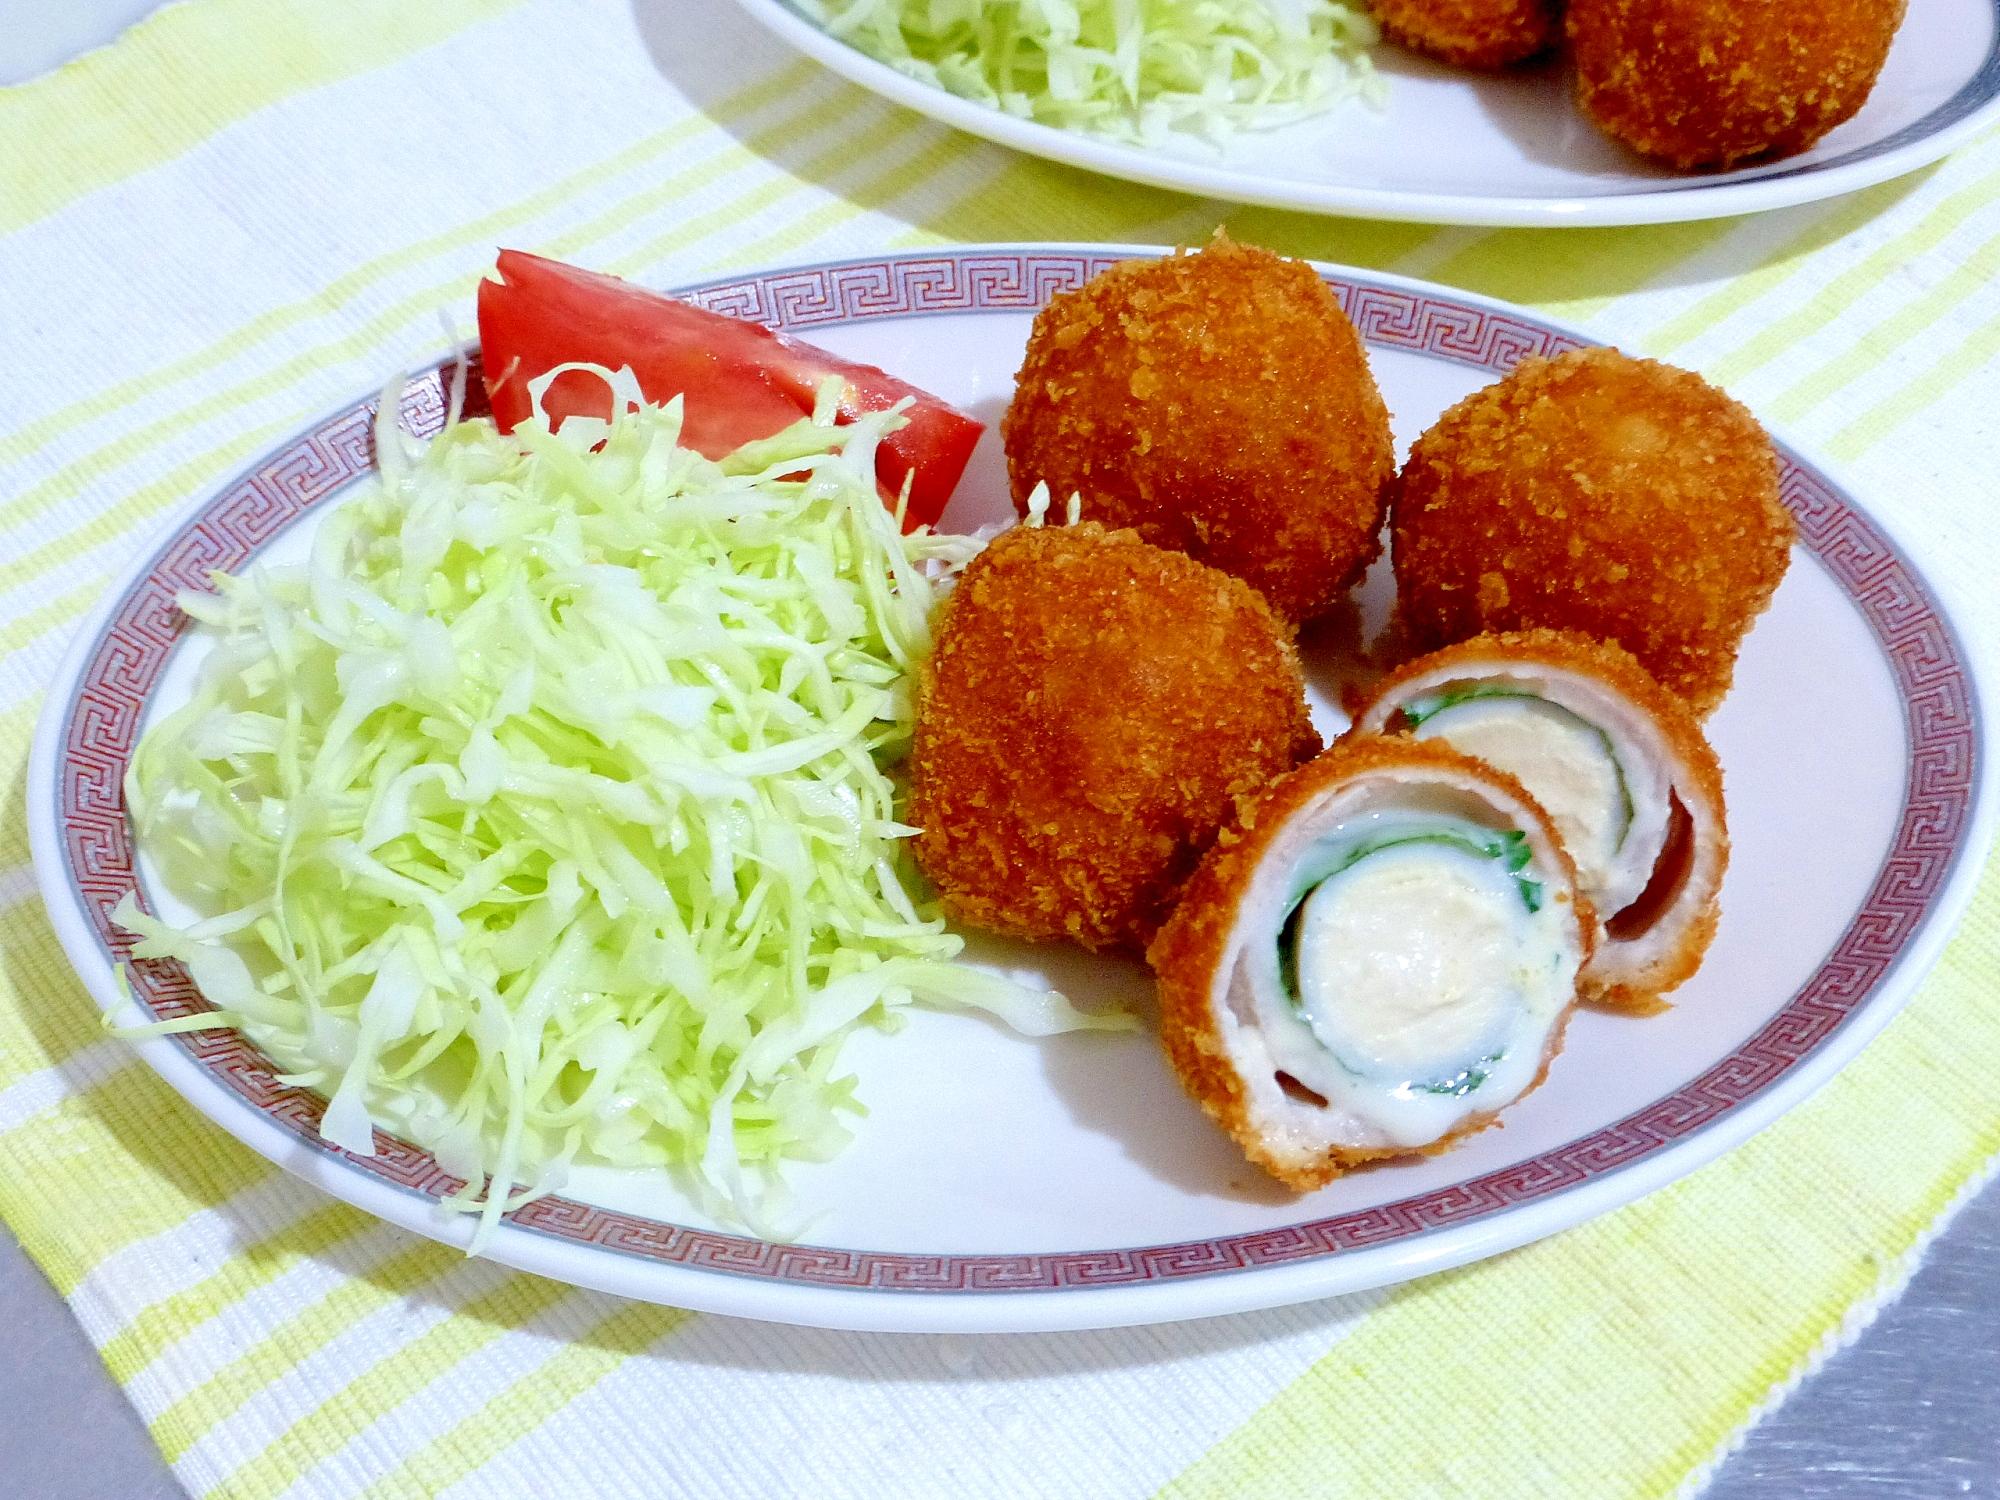 ウズラ卵の豚肉巻きフライ(大葉&チーズ)